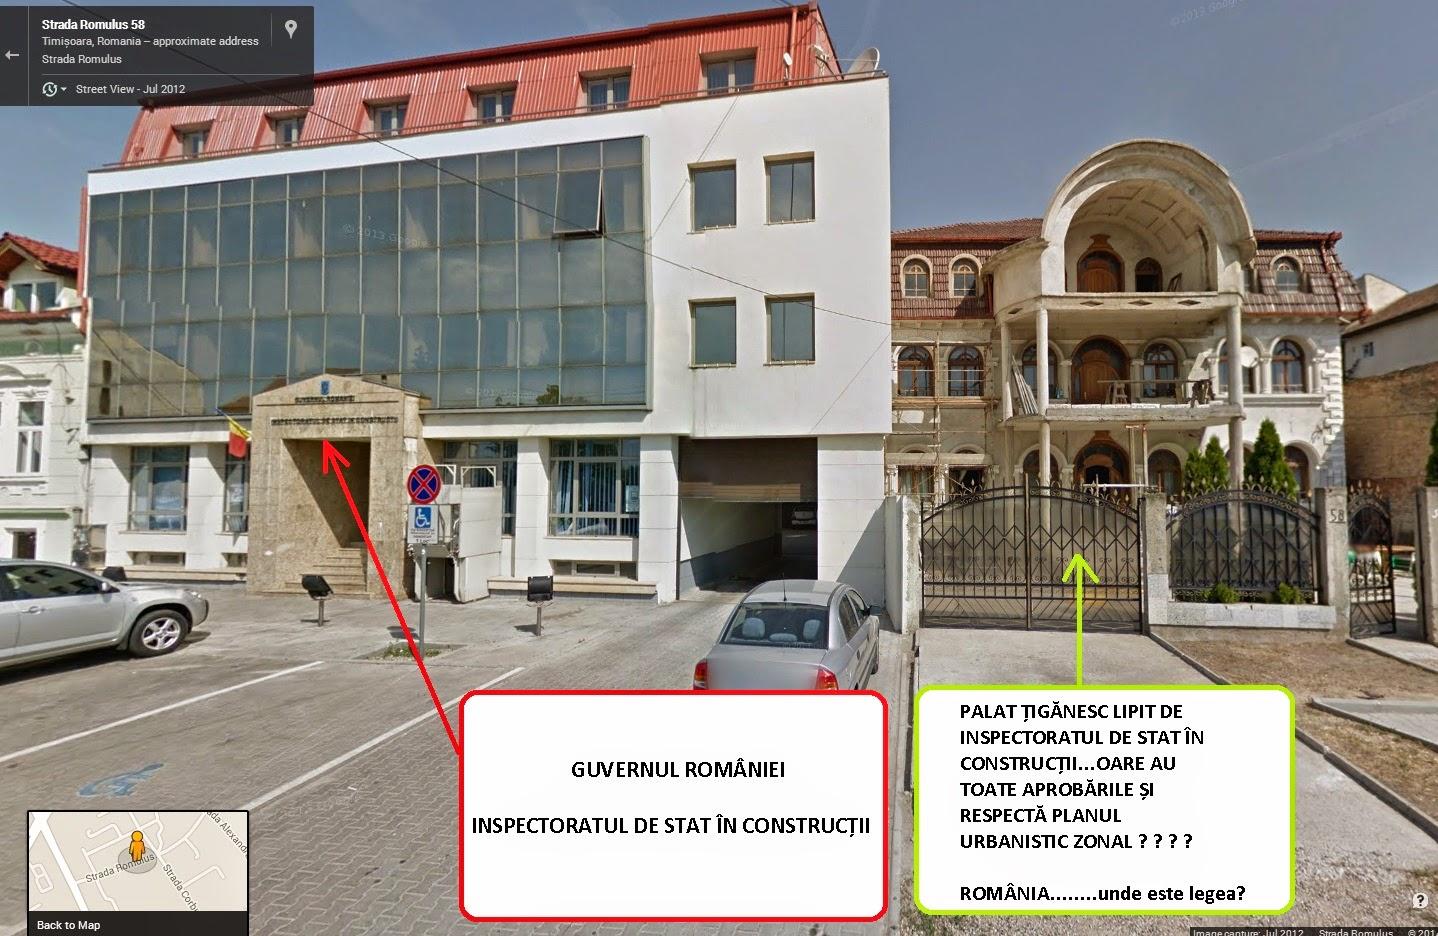 Palat țigănesc lipit de Inspectoratul de Stat în Construcții Timișoara